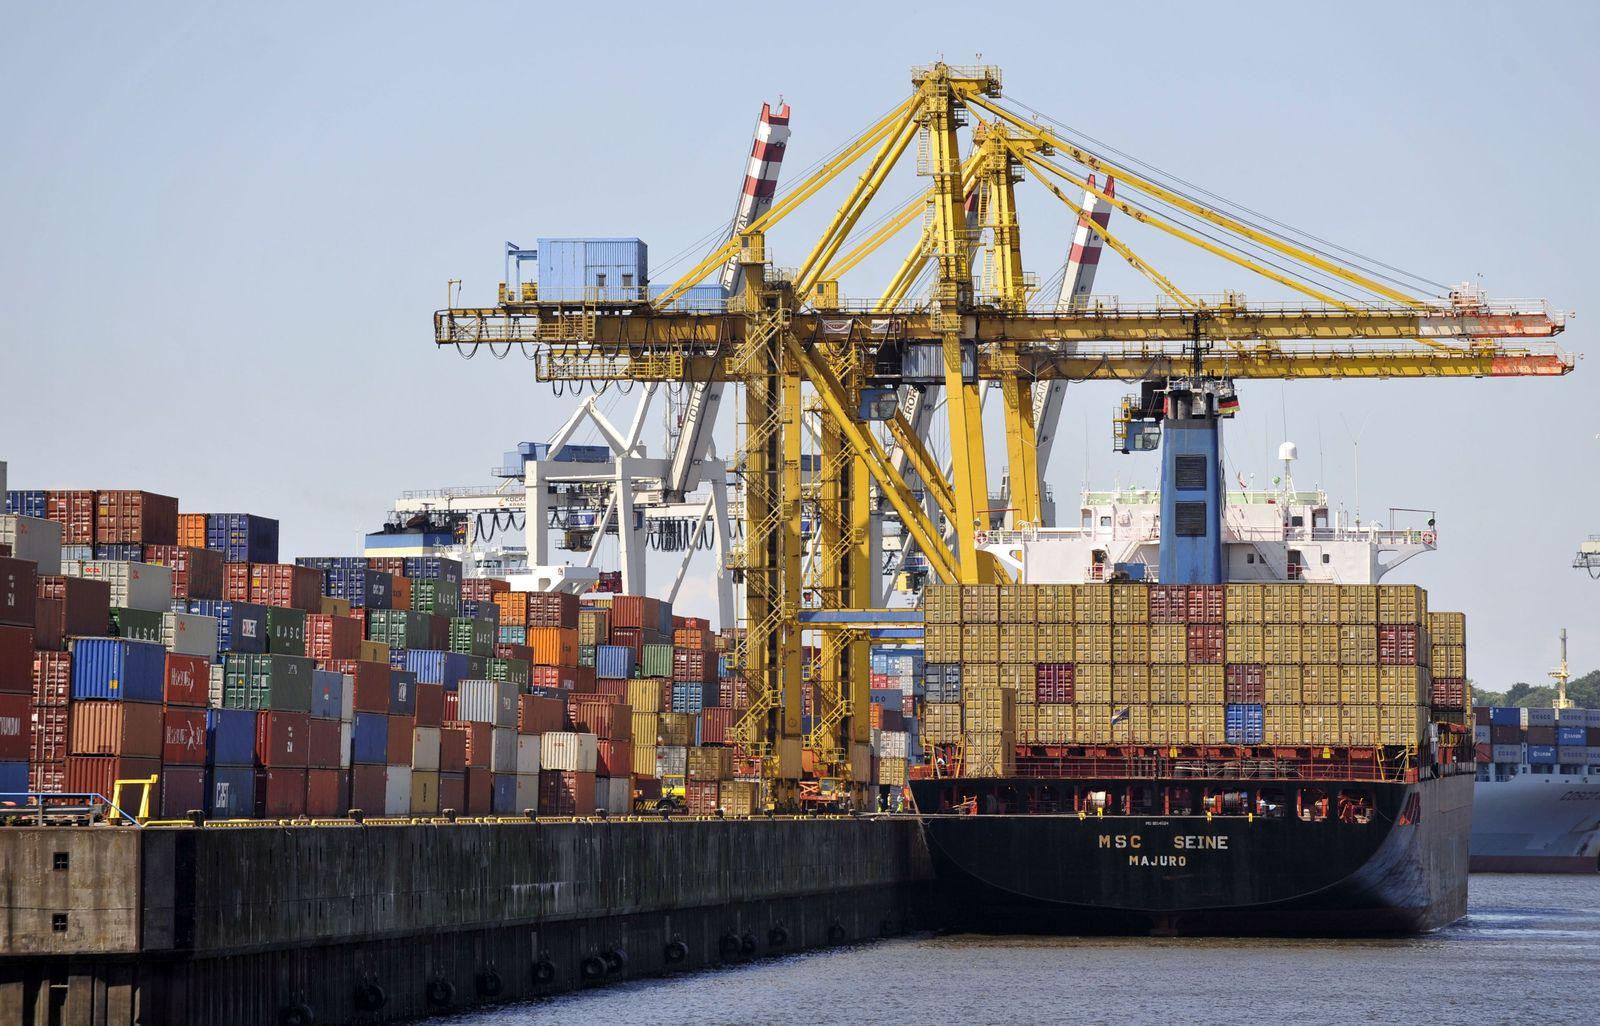 NICHT VERWENDEN Deutschland / Export / Frachtcontainer